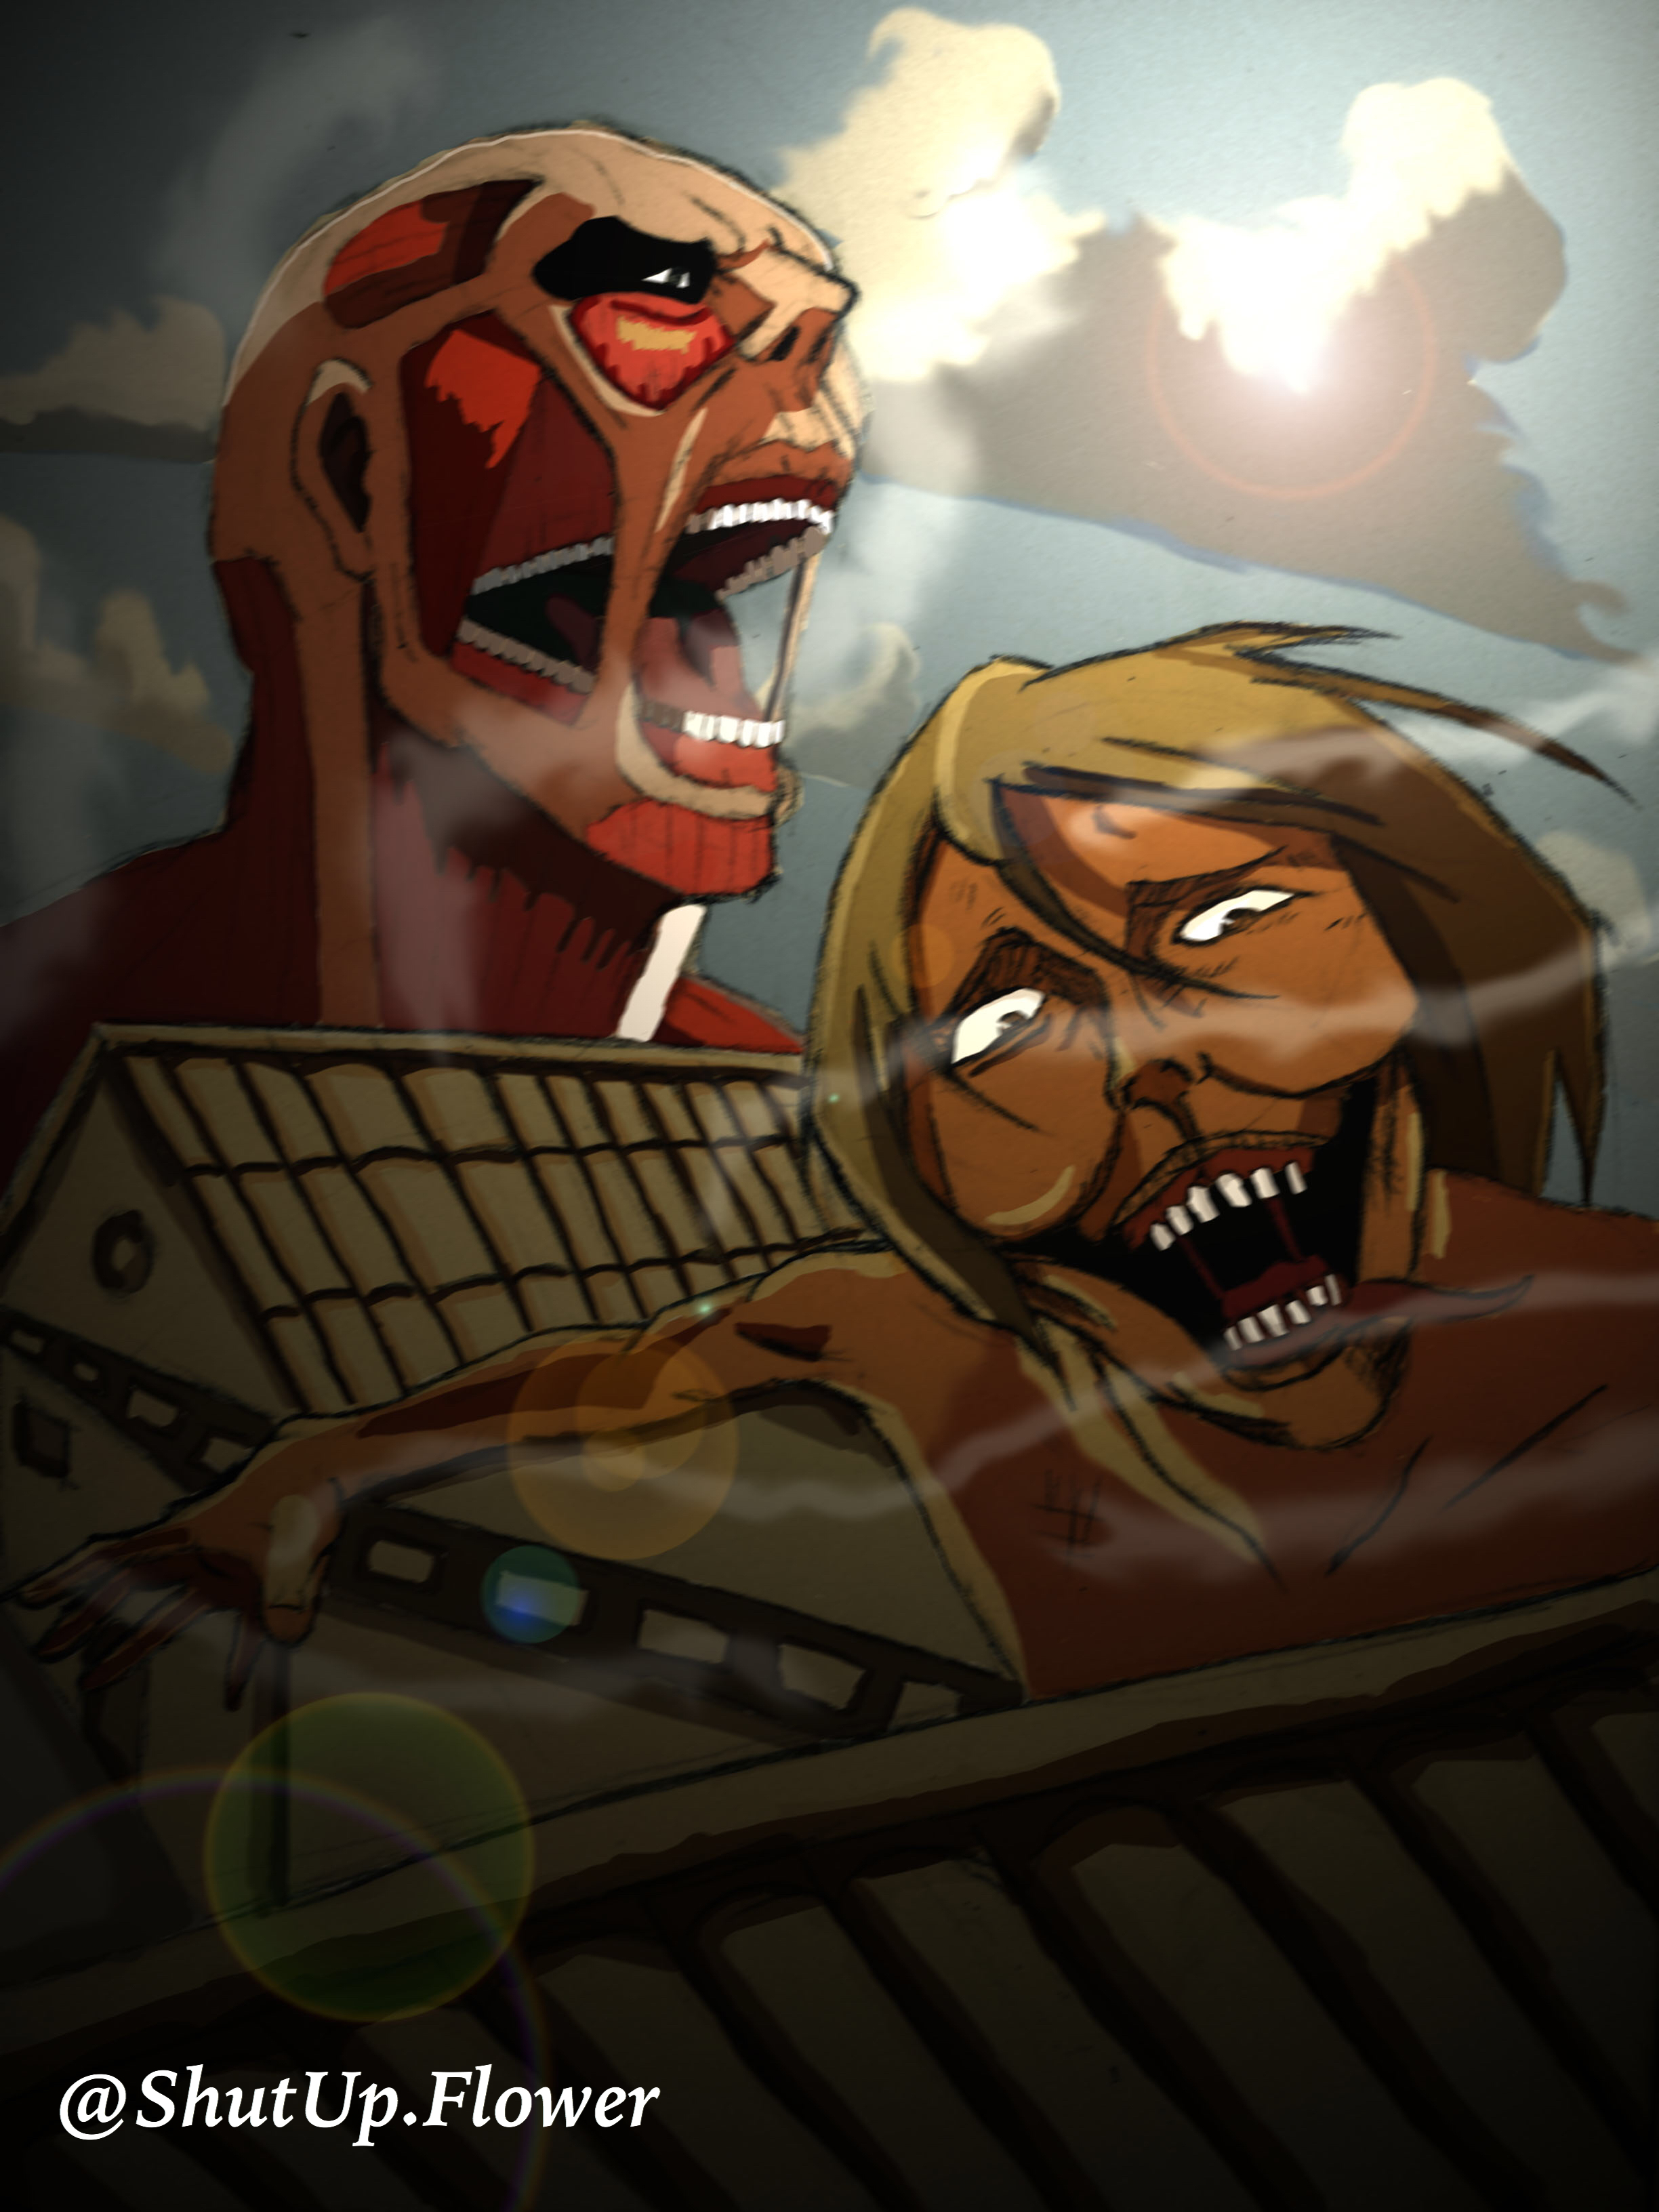 Fan art of Attack on titan